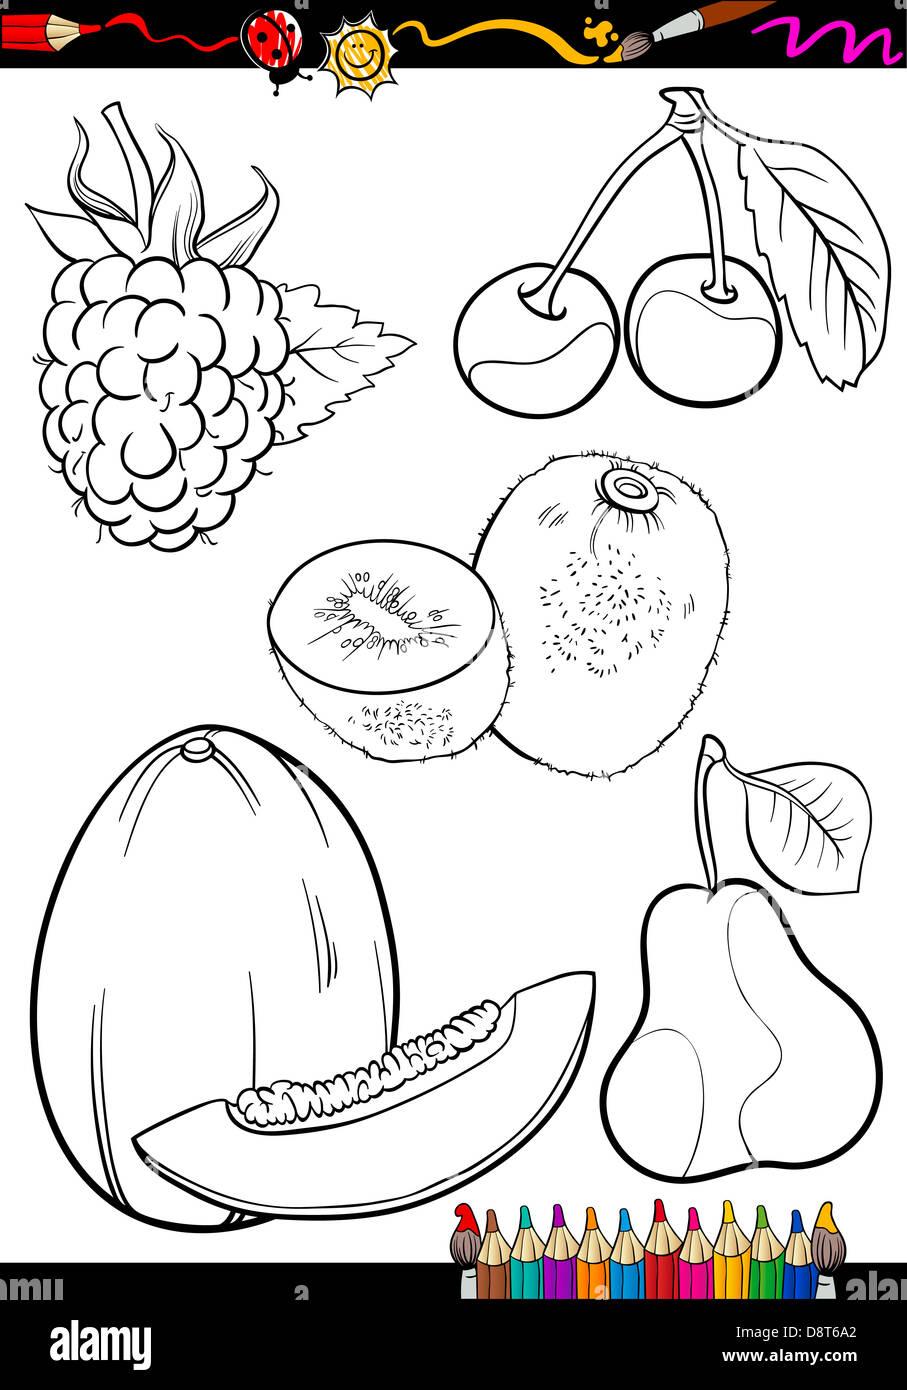 Libro Para Colorear Dibujos Animados Página O Ilustración De